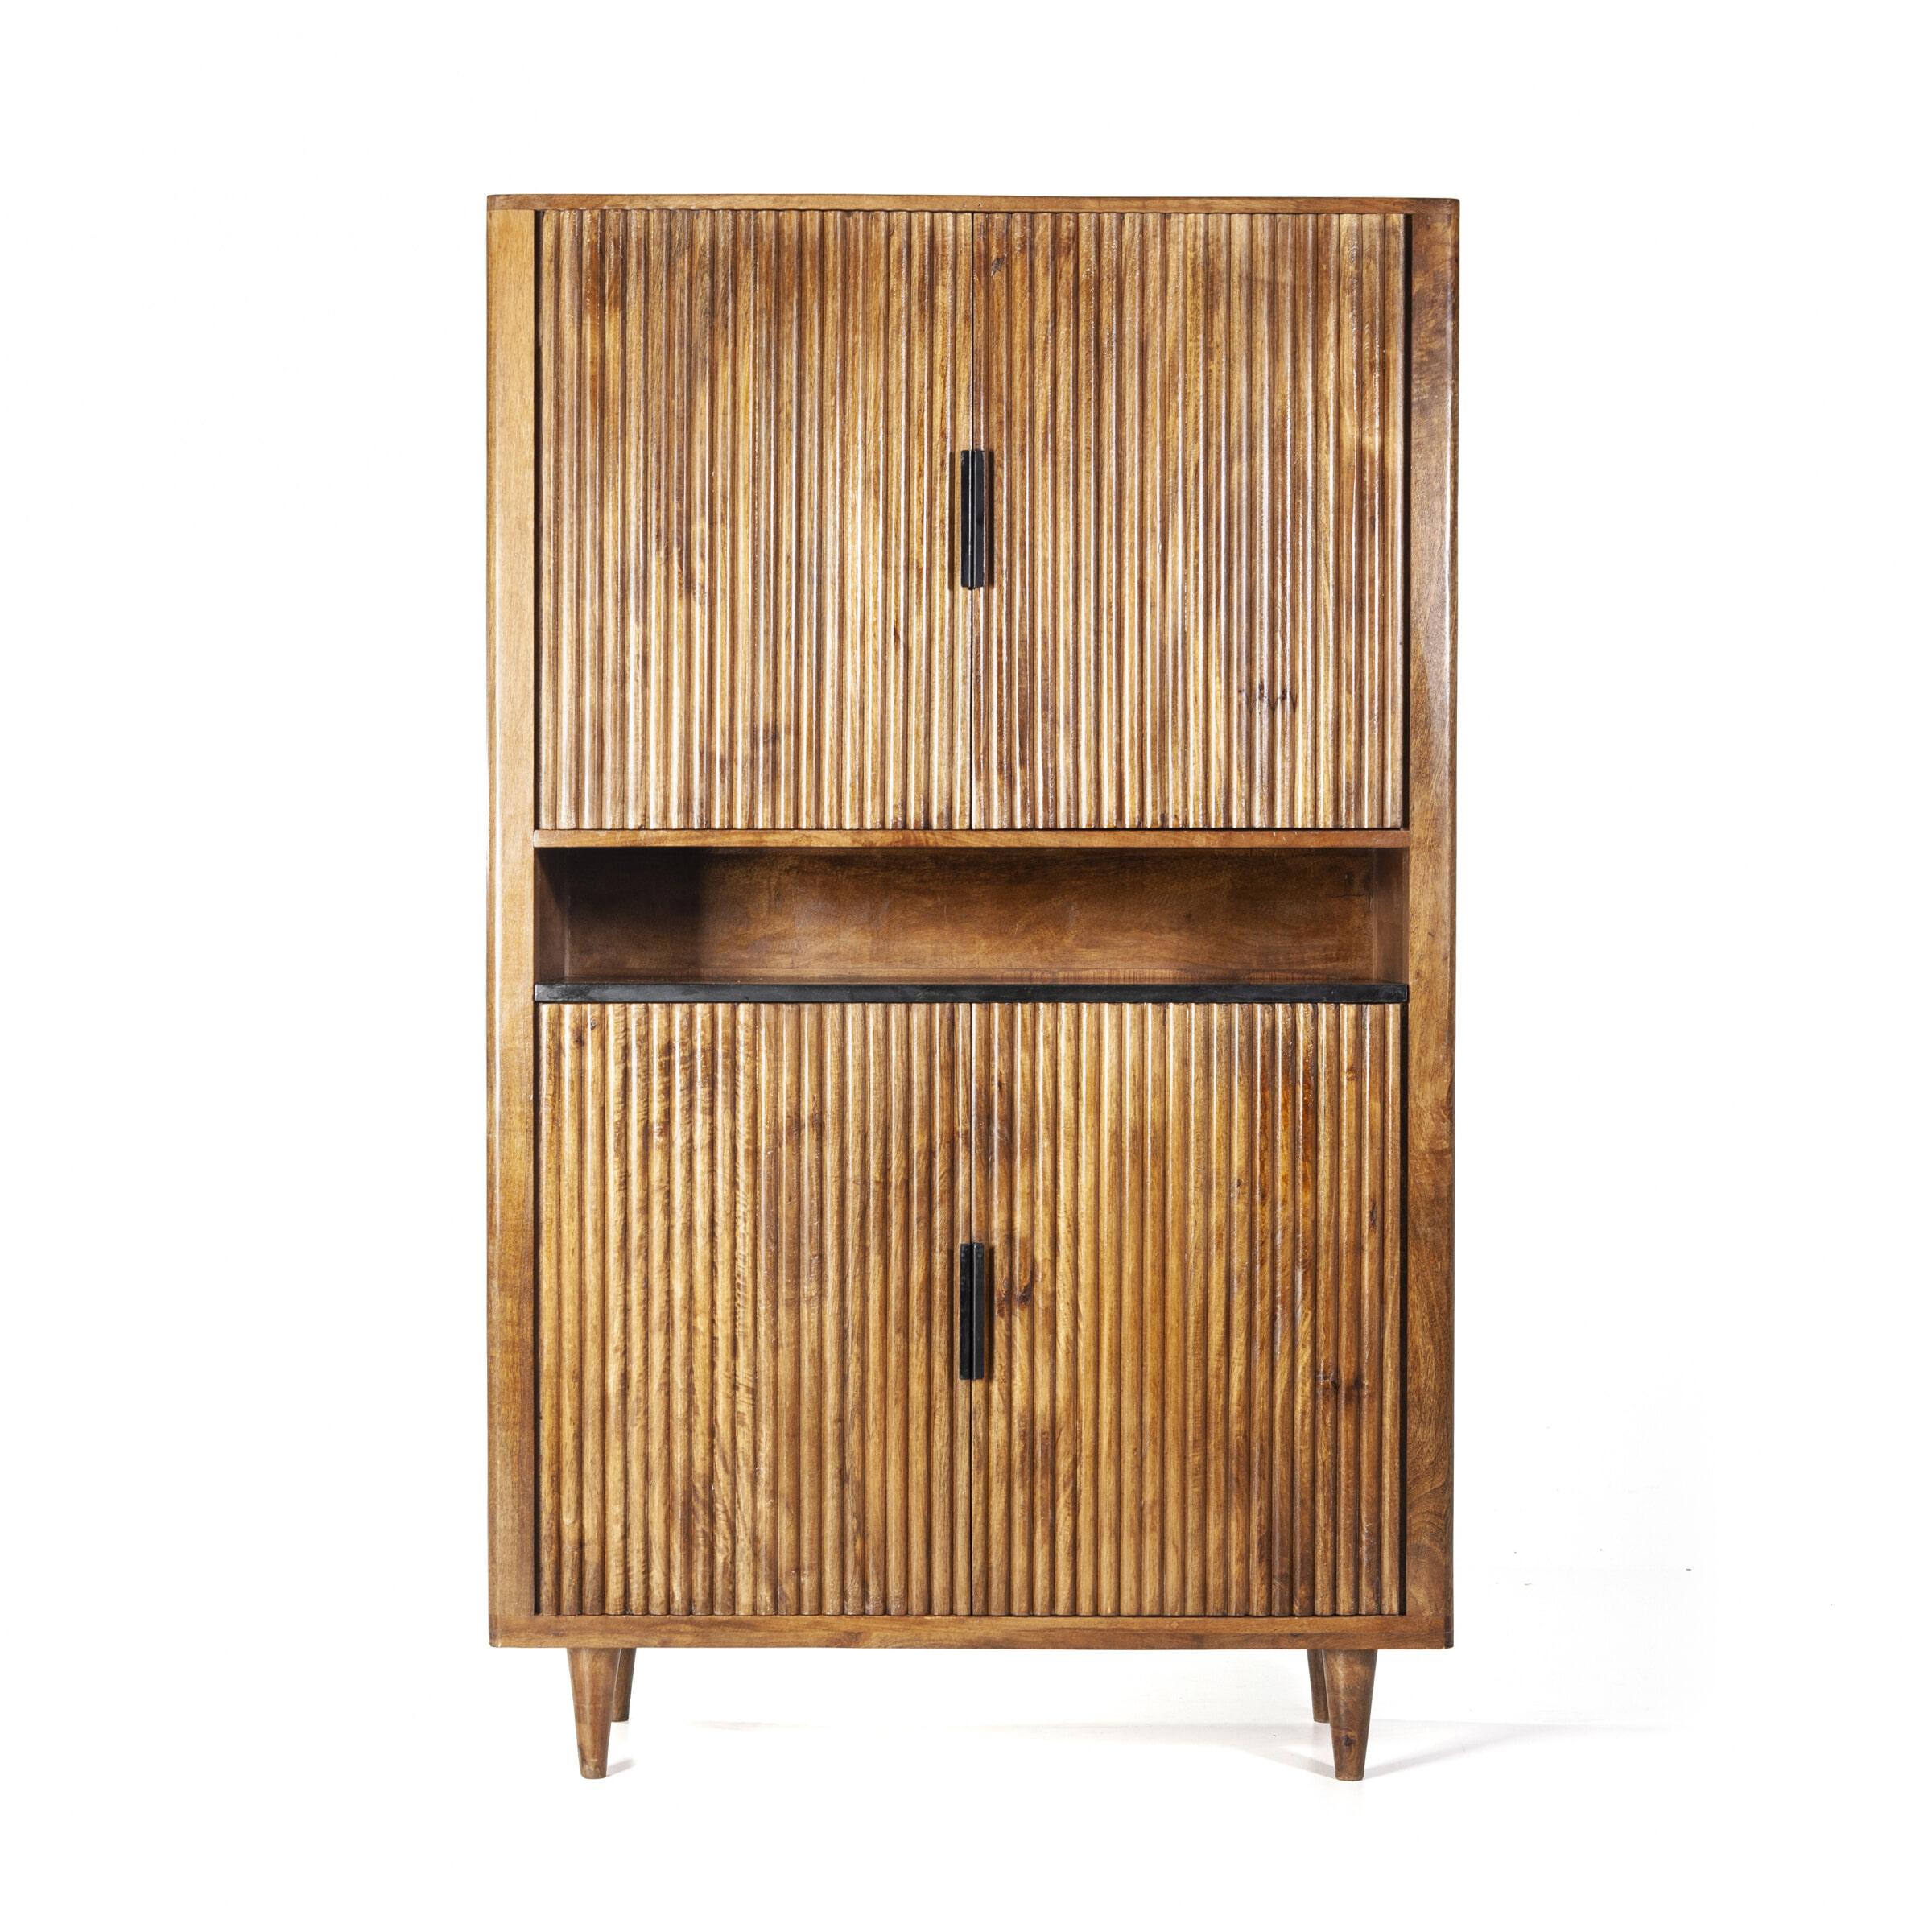 Eleonora Opbergkast 'Carter' Mangohout en marmer, 172 x 105cm met voordeel snel in huis via Meubel Partner